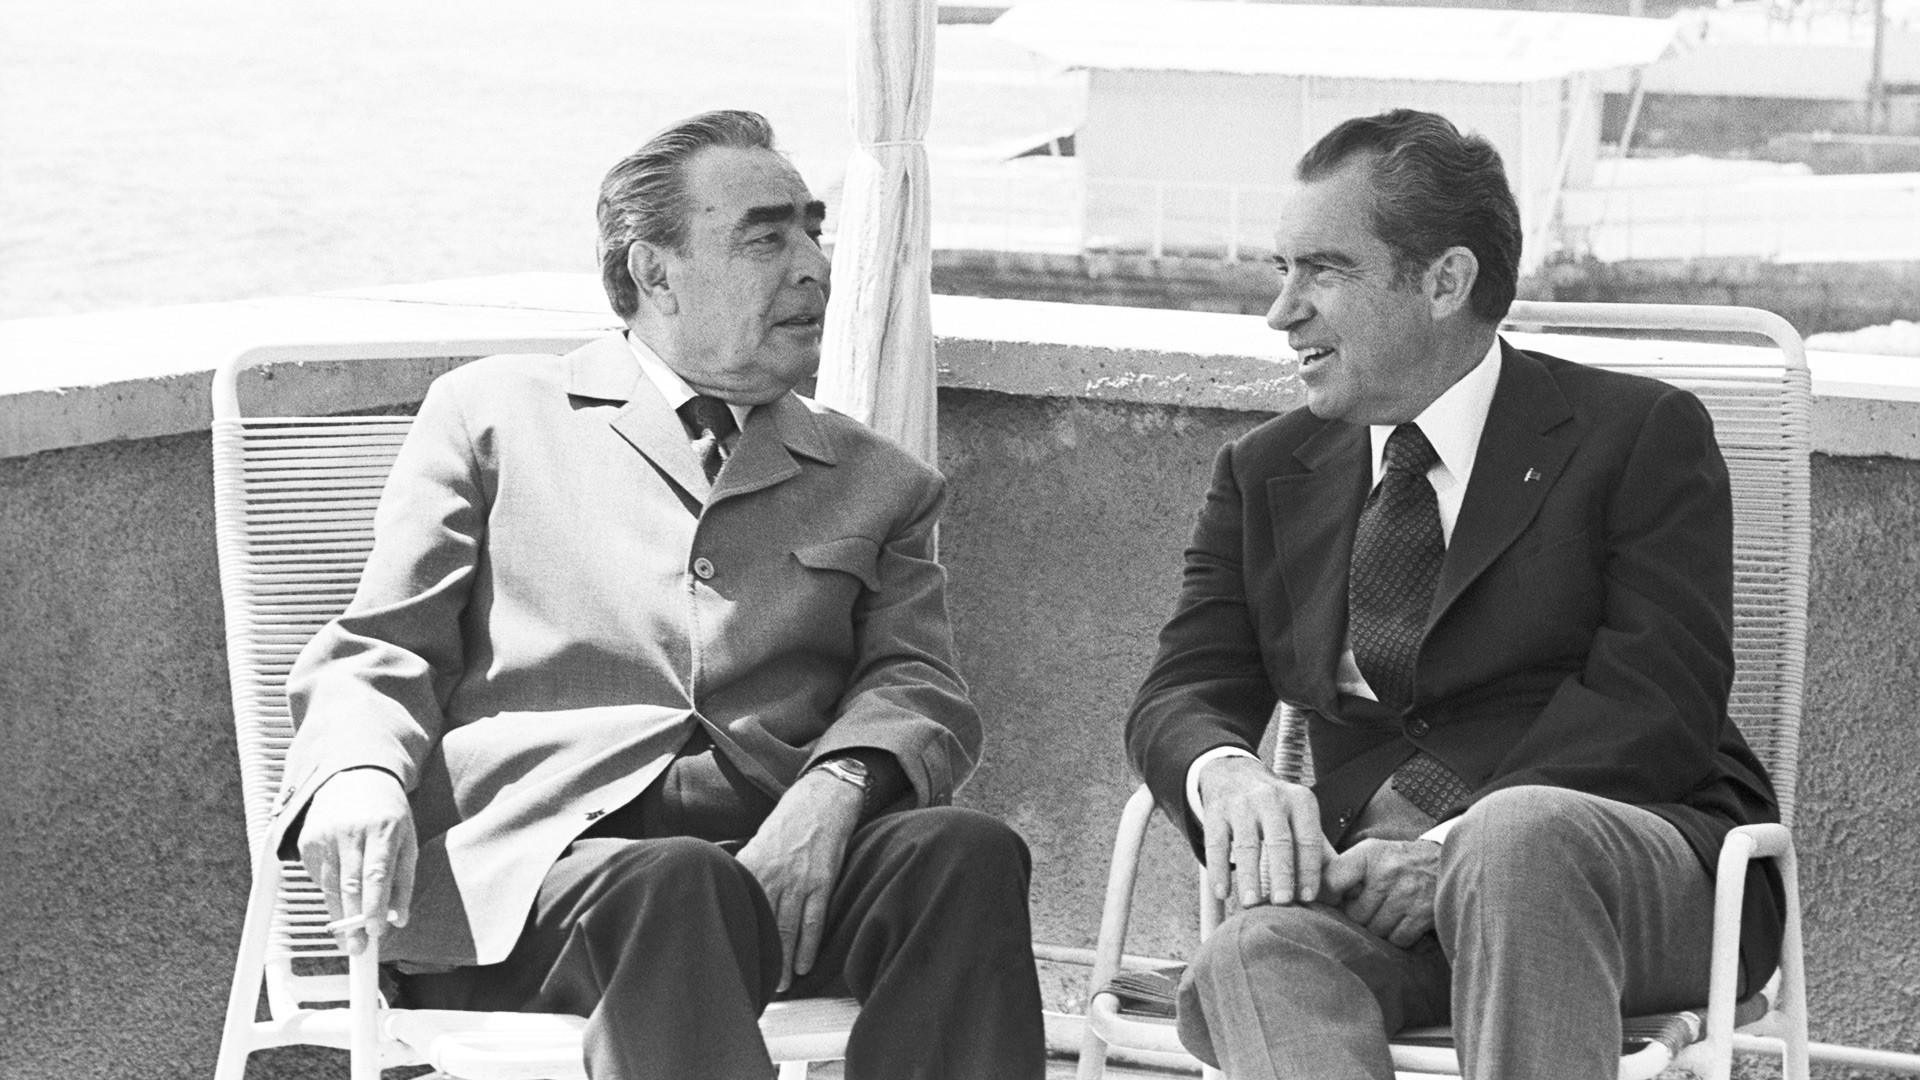 General Secretary Leonid Brezhnev and U.S. President Richard Nixon